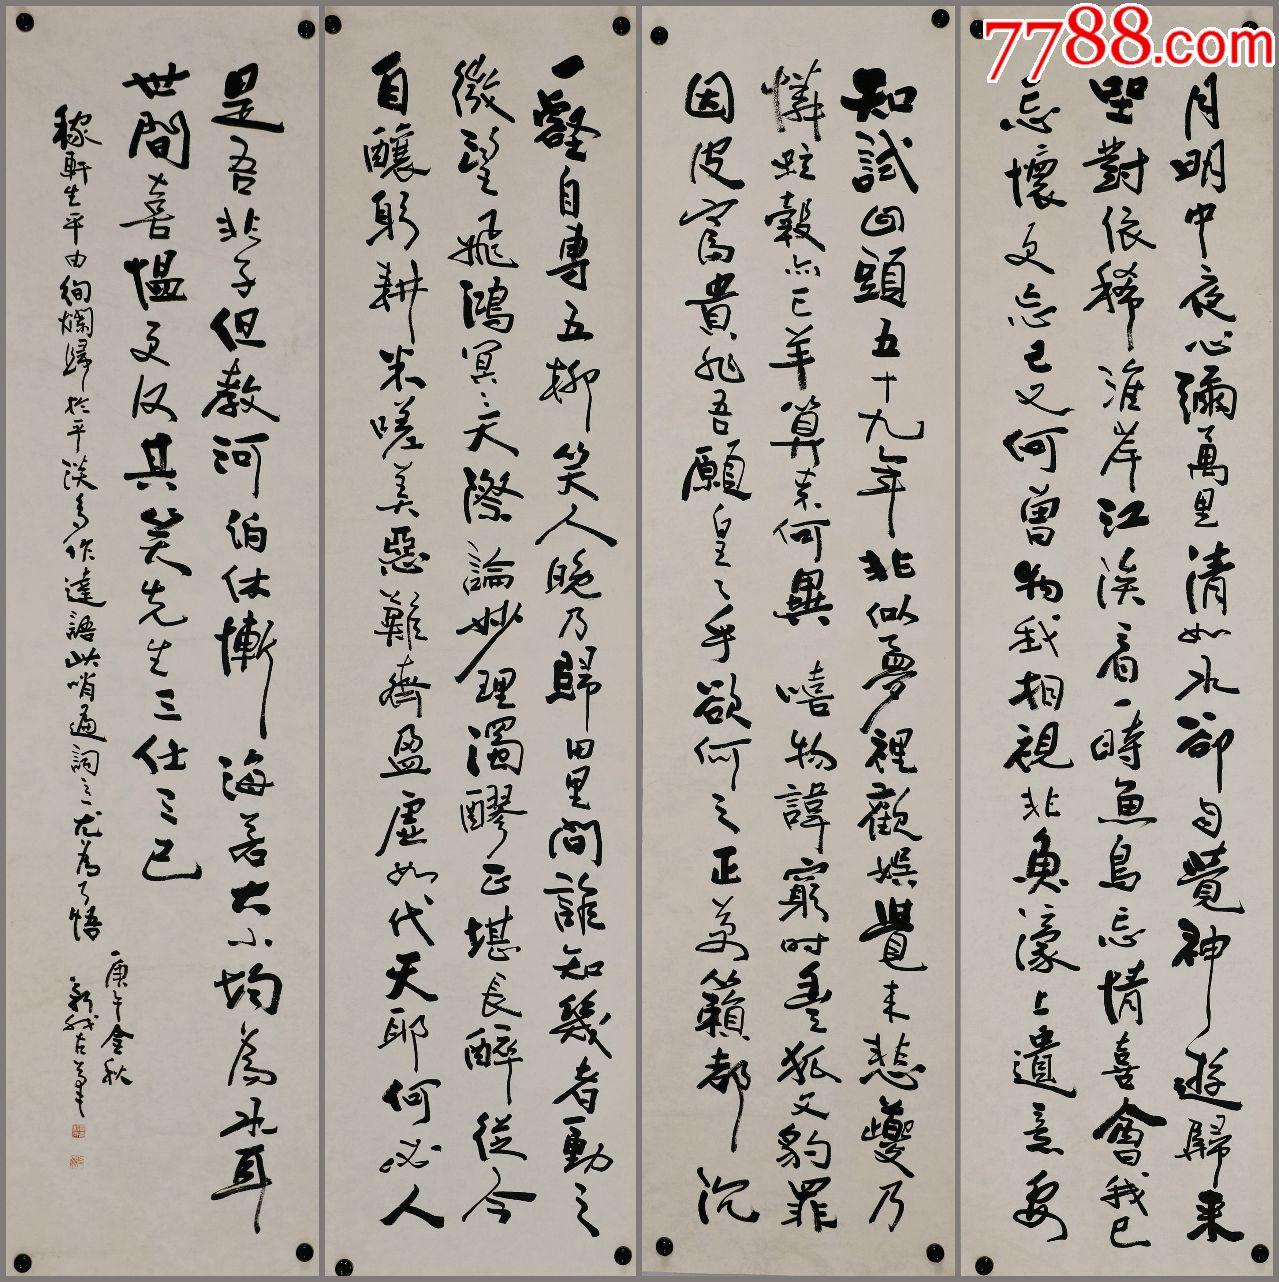 浙江人,我国现代著名的书画家【费新我】书法四条屏真迹图片